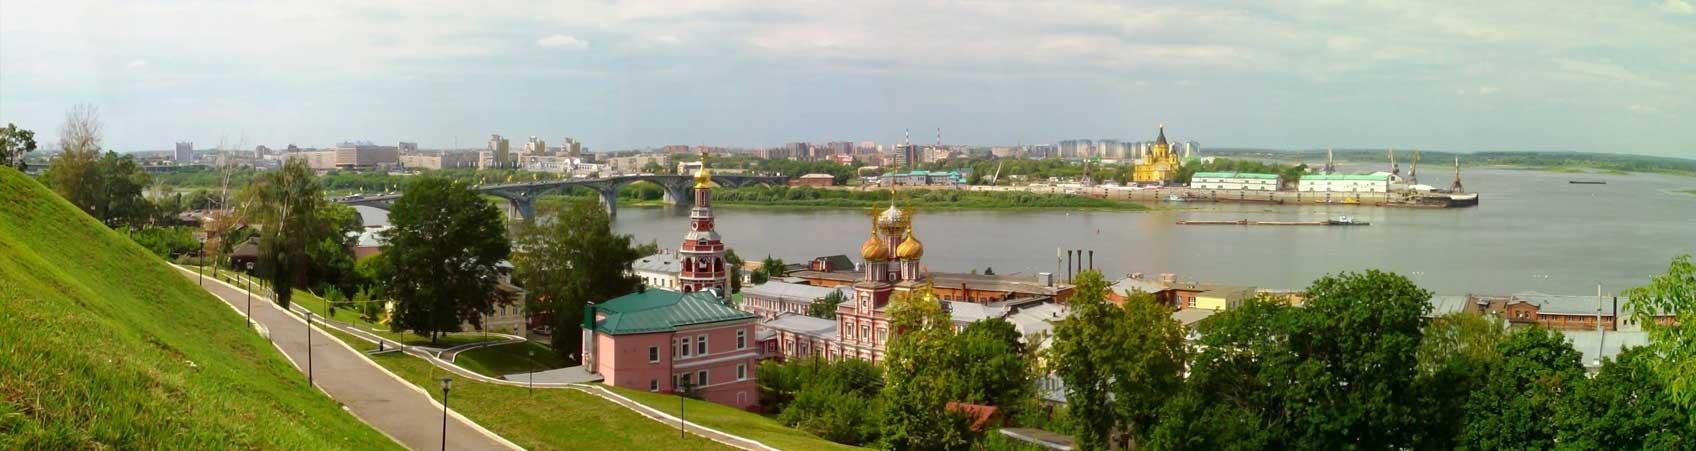 Нижний Новгород - Волжская стрелка